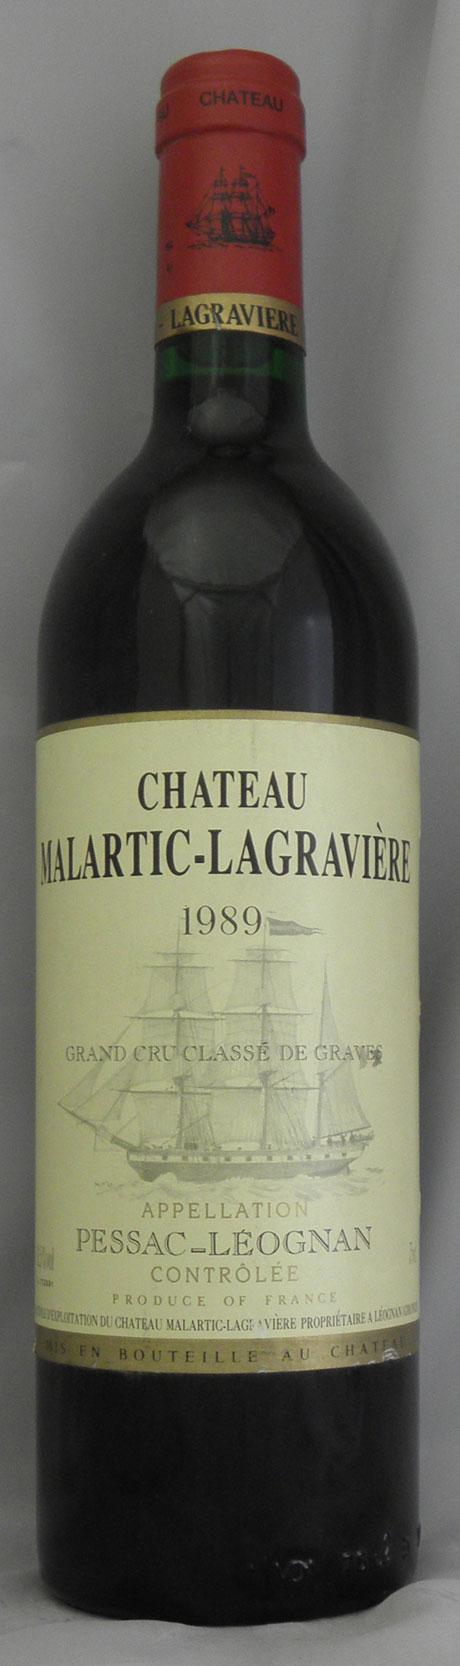 1989年 シャトー マルティック ラグラヴィエール ルージュ(フランス 赤ワイン)